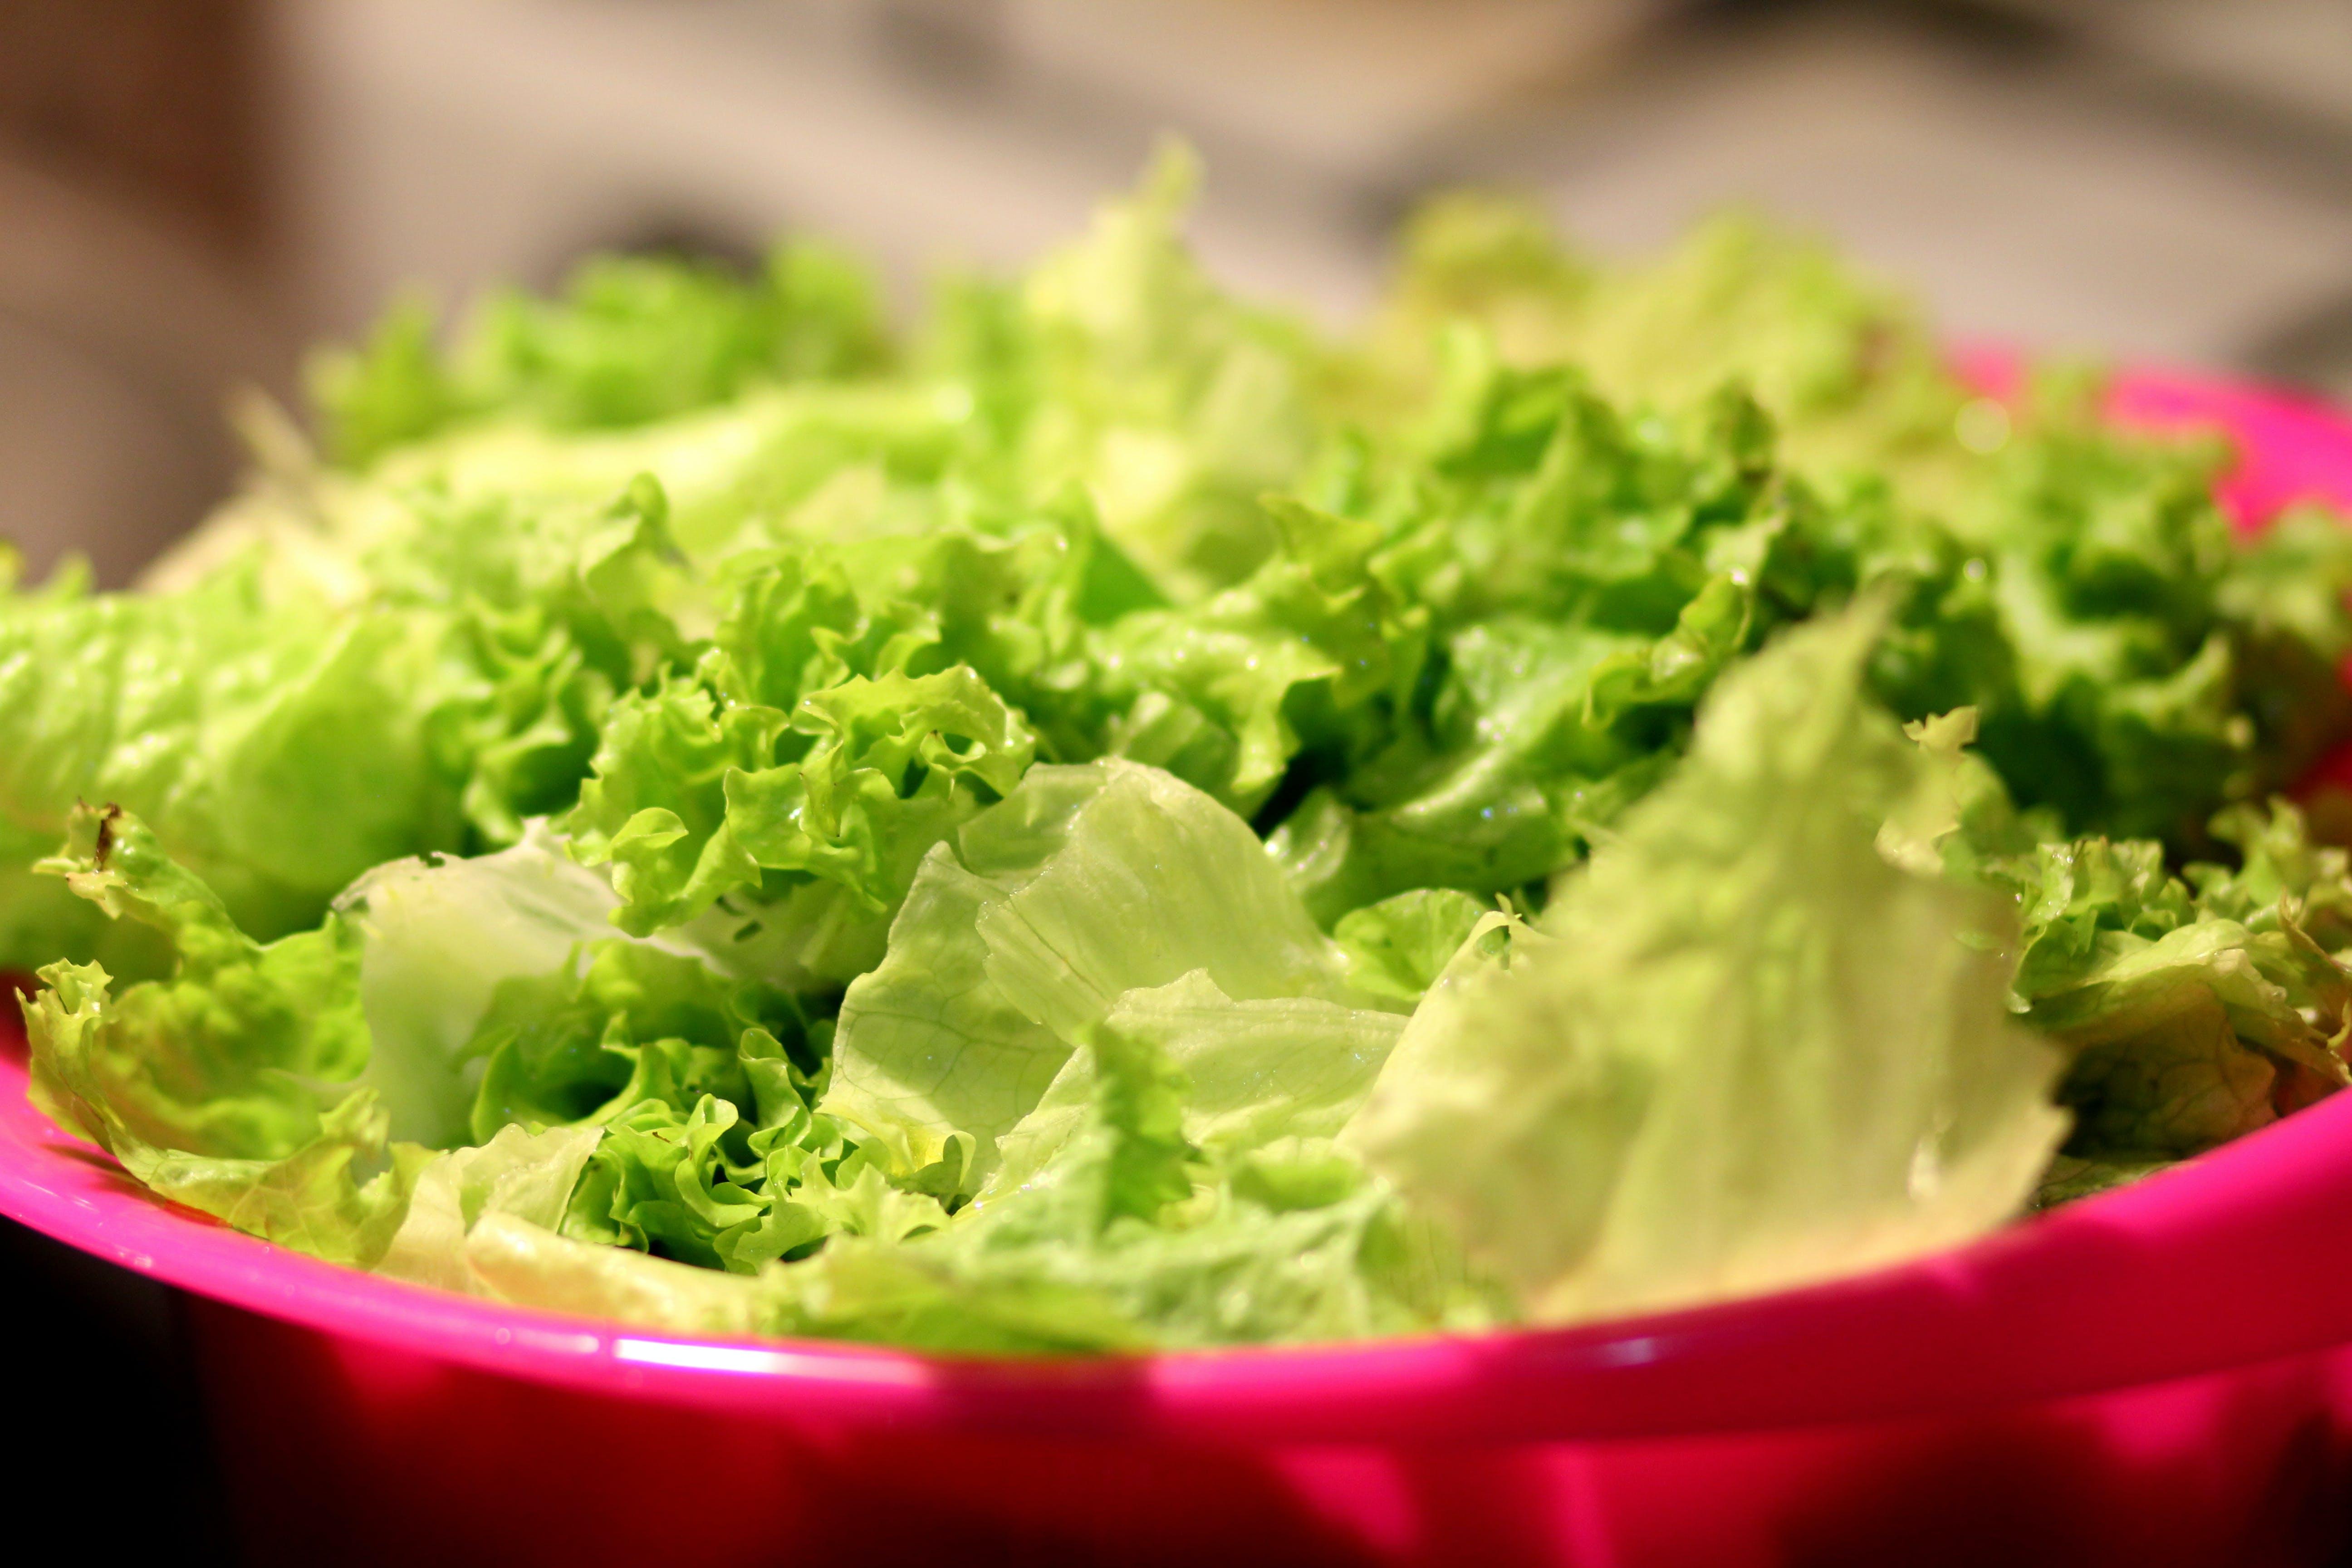 Kostenloses Stock Foto zu essen, gemüse, gesund, grüner salat